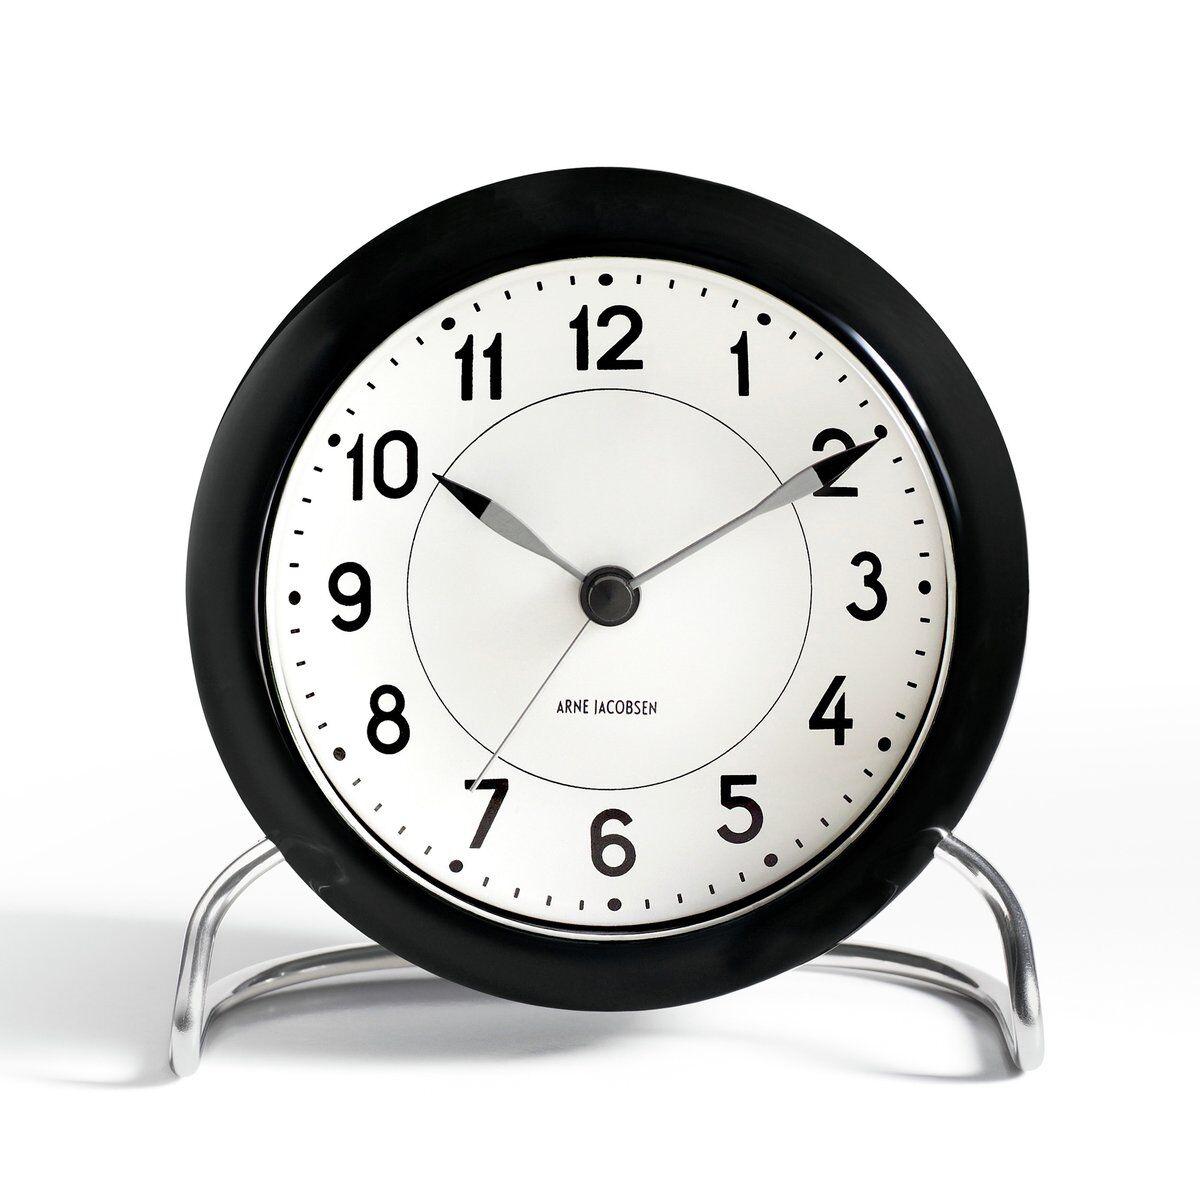 Arne Jacobsen Clocks AJ Station bordklokke svart